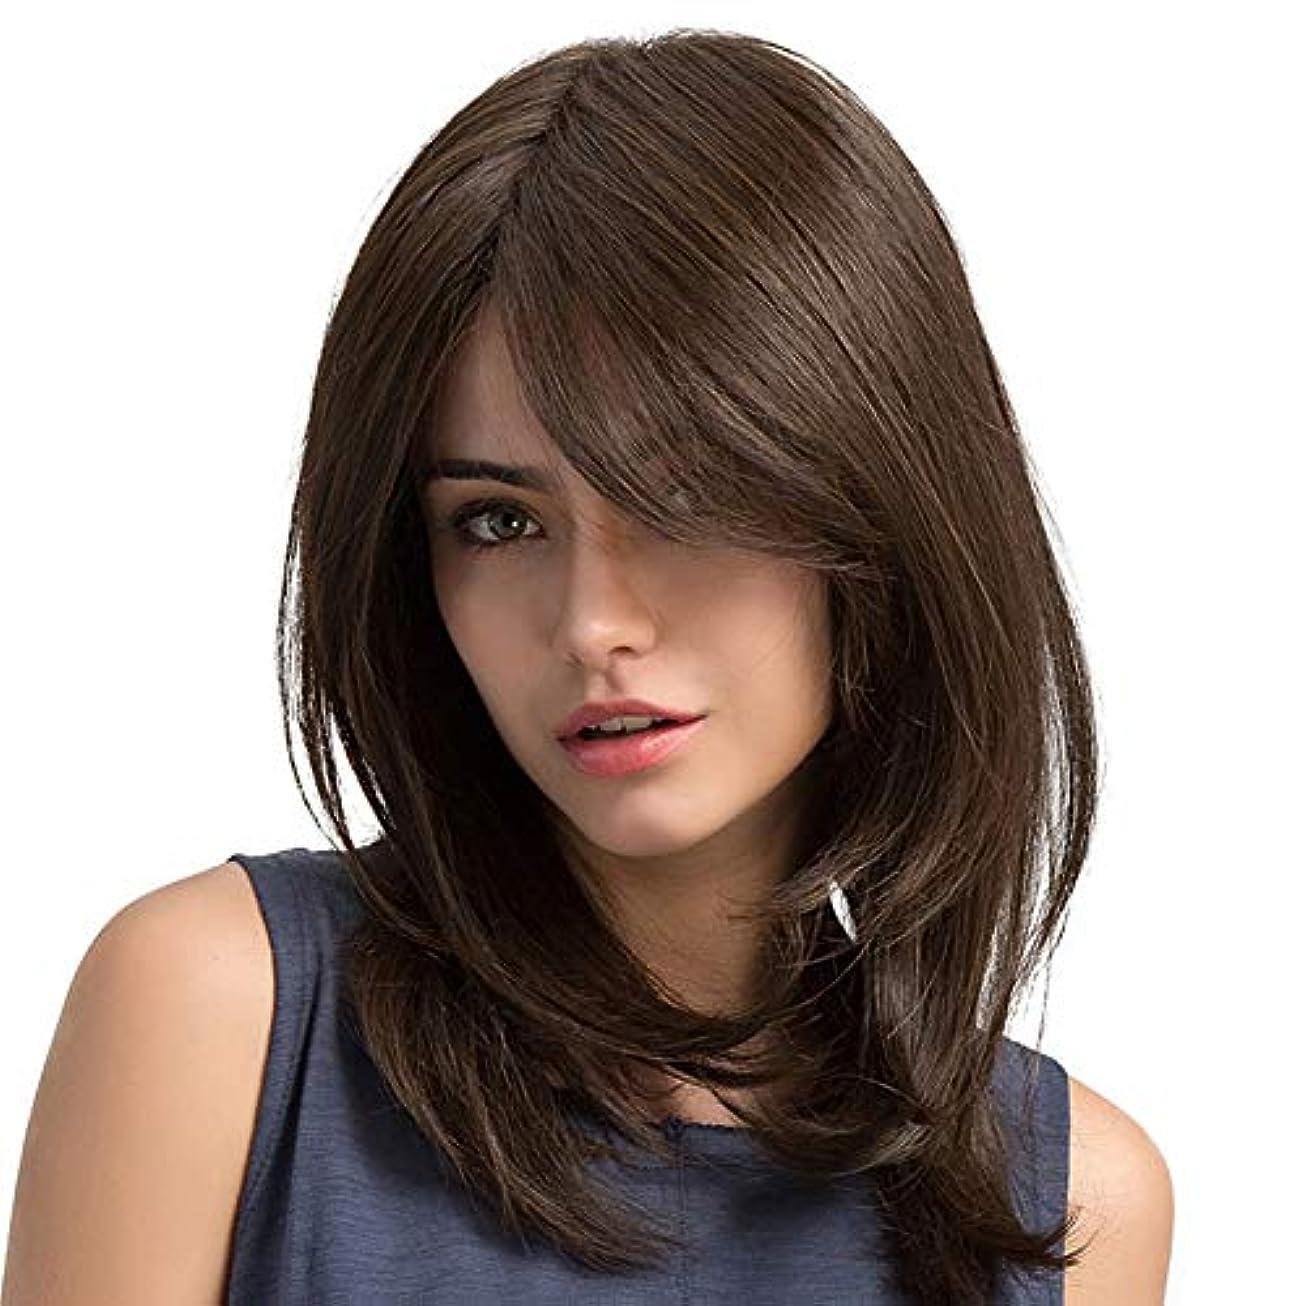 苦しめる用心するさらにファッションかつら 茶色 波状の髪 合成ウィッグ 耐熱性